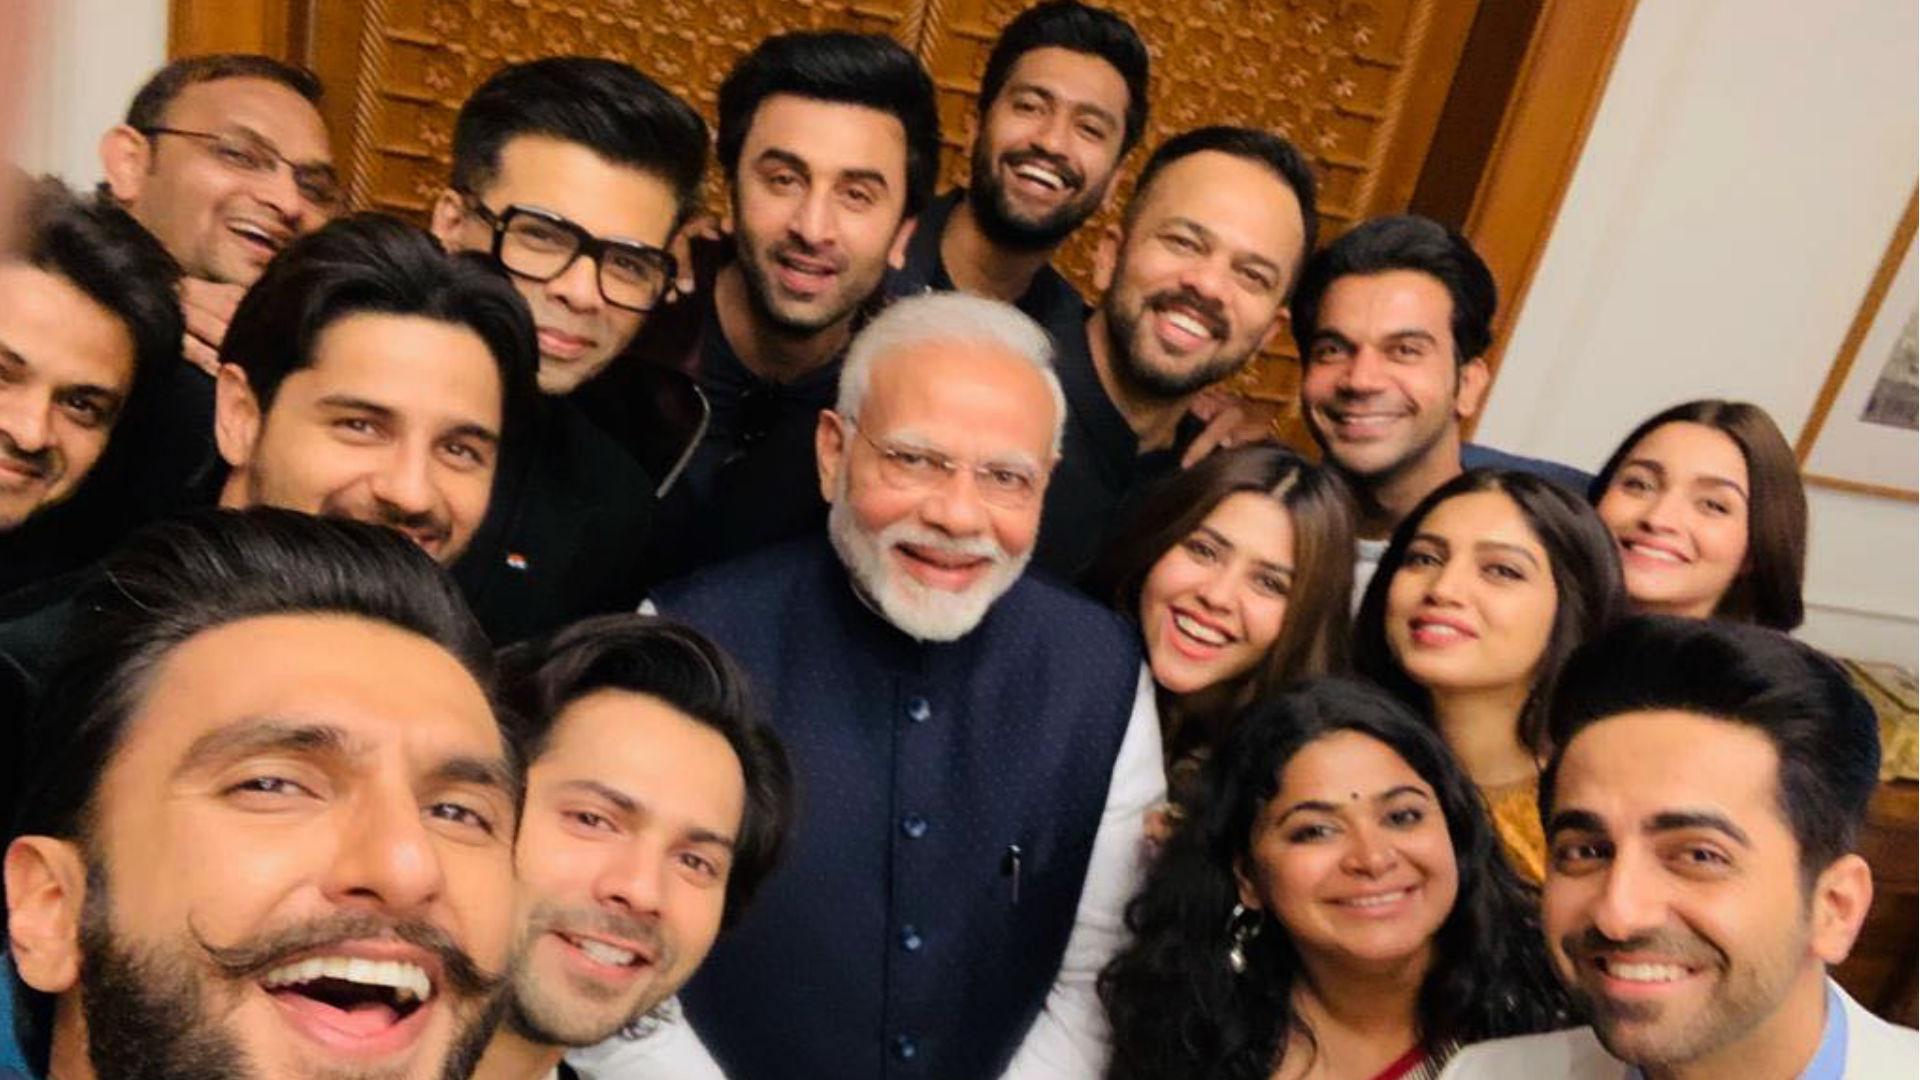 PM Narendra Modi Birthday: बॉलीवुड में भी बजता है पीएम नरेंद्र मोदी का डंका, बन चुकी हैं ये फिल्में-वेब सीरीज